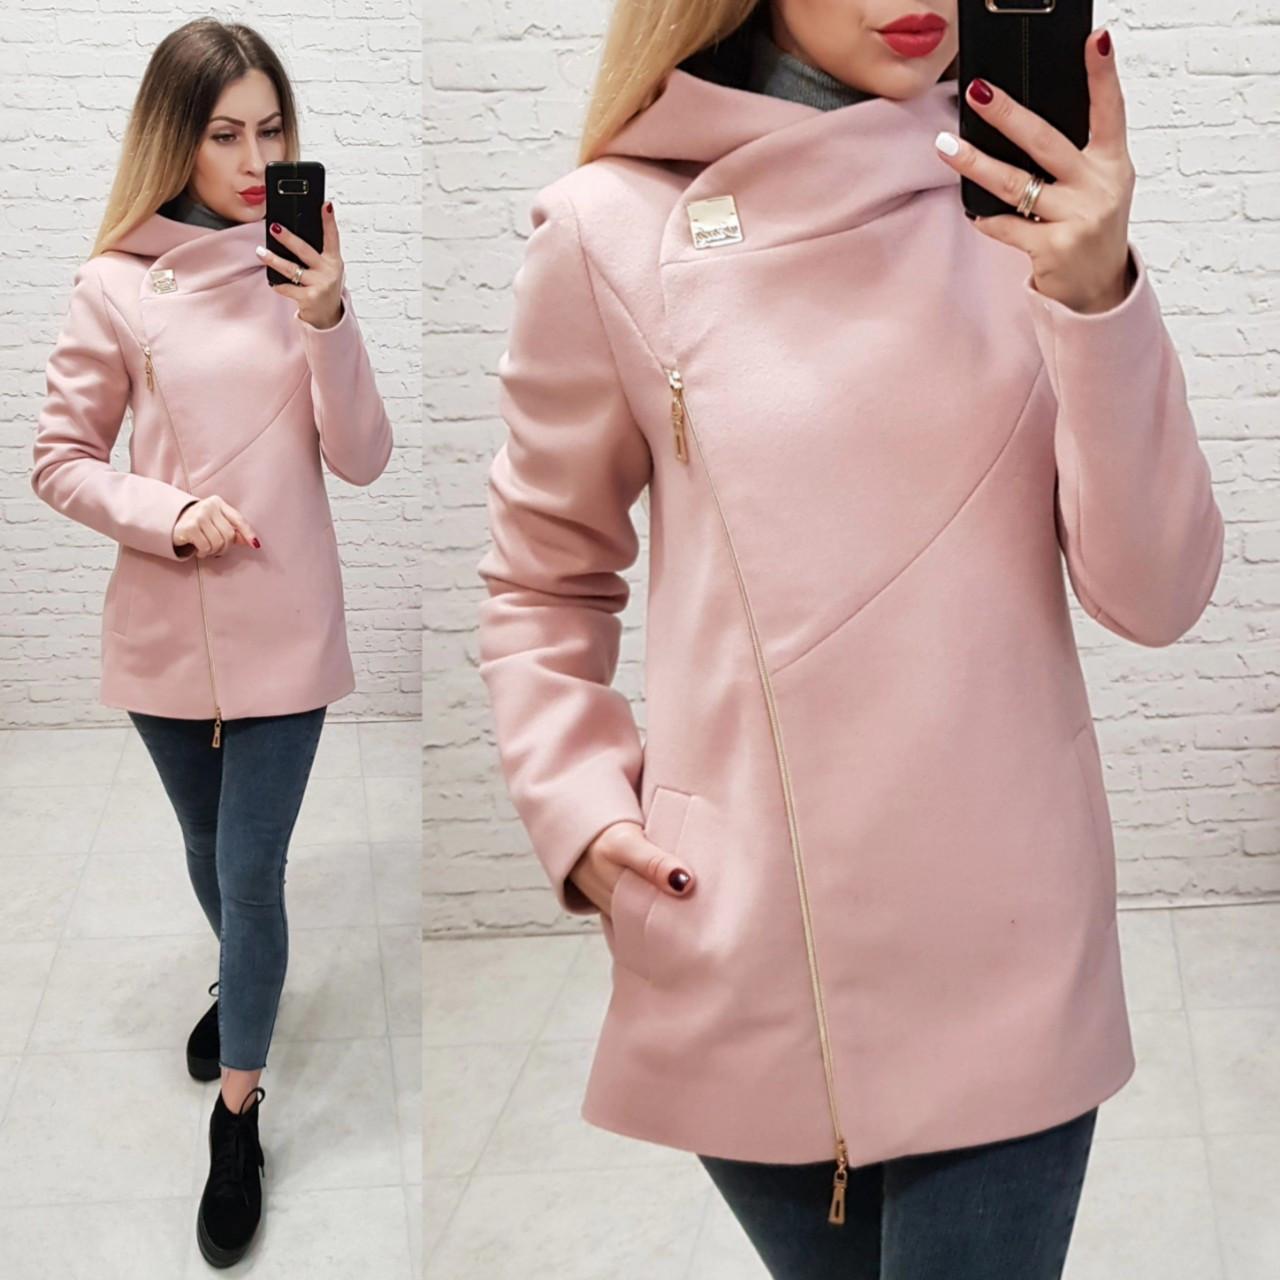 Пальто кашемировое с капюшоном, модель 156, цвет - розовый